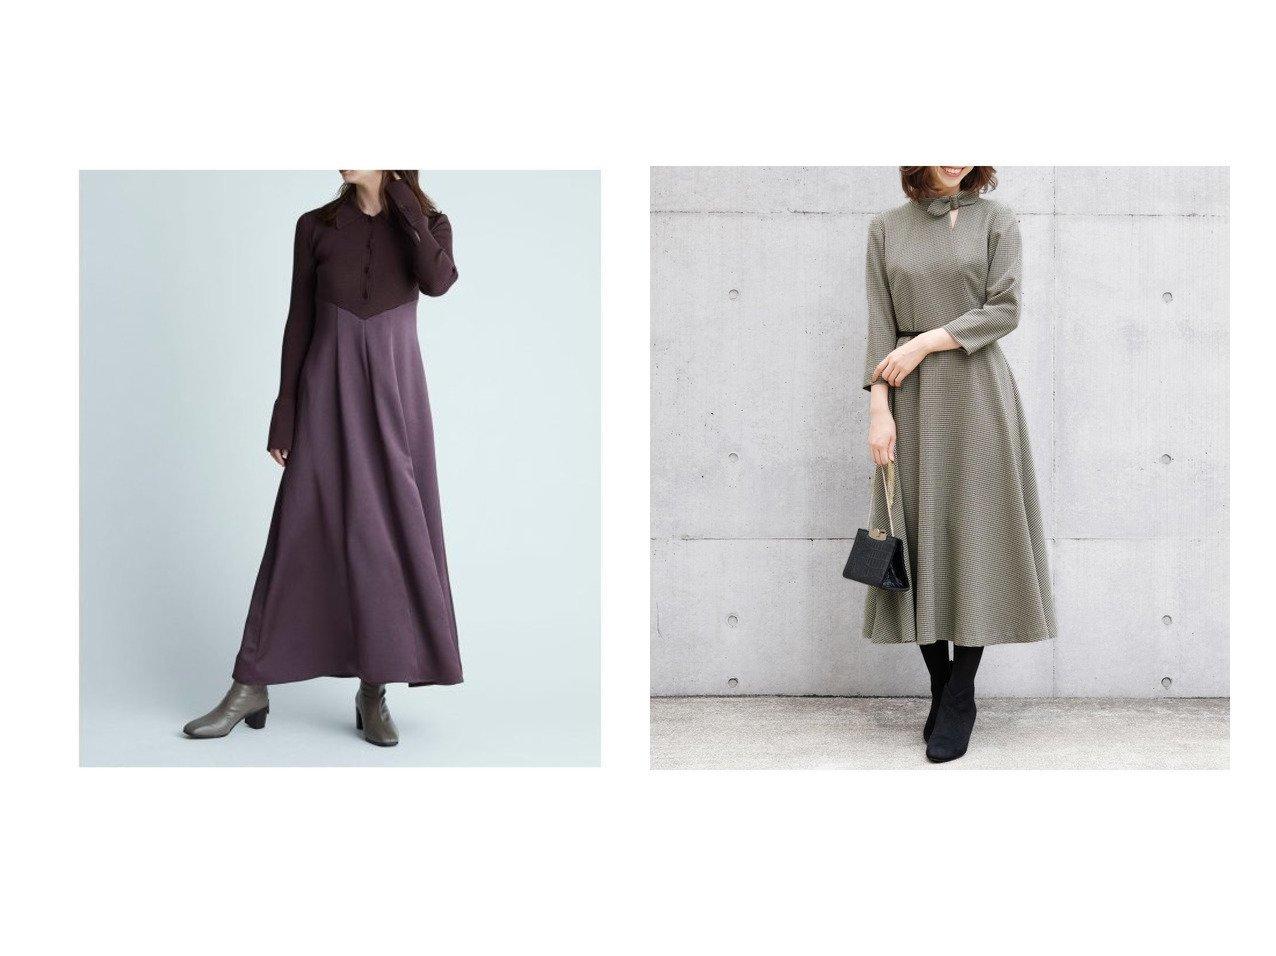 【FRAY I.D/フレイ アイディー】のポロカラーニットコンビワンピ&【ICHIE/イチエ】のプルック千鳥 ワンピース ワンピース・ドレスのおすすめ!人気、レディースファッションの通販 おすすめで人気のファッション通販商品 インテリア・家具・キッズファッション・メンズファッション・レディースファッション・服の通販 founy(ファニー) https://founy.com/ ファッション Fashion レディース WOMEN ワンピース Dress ヴィンテージ コンビ サテン スマート ドッキング フィット エレガント 切替 スリット フォーマル リボン |ID:crp329100000001806